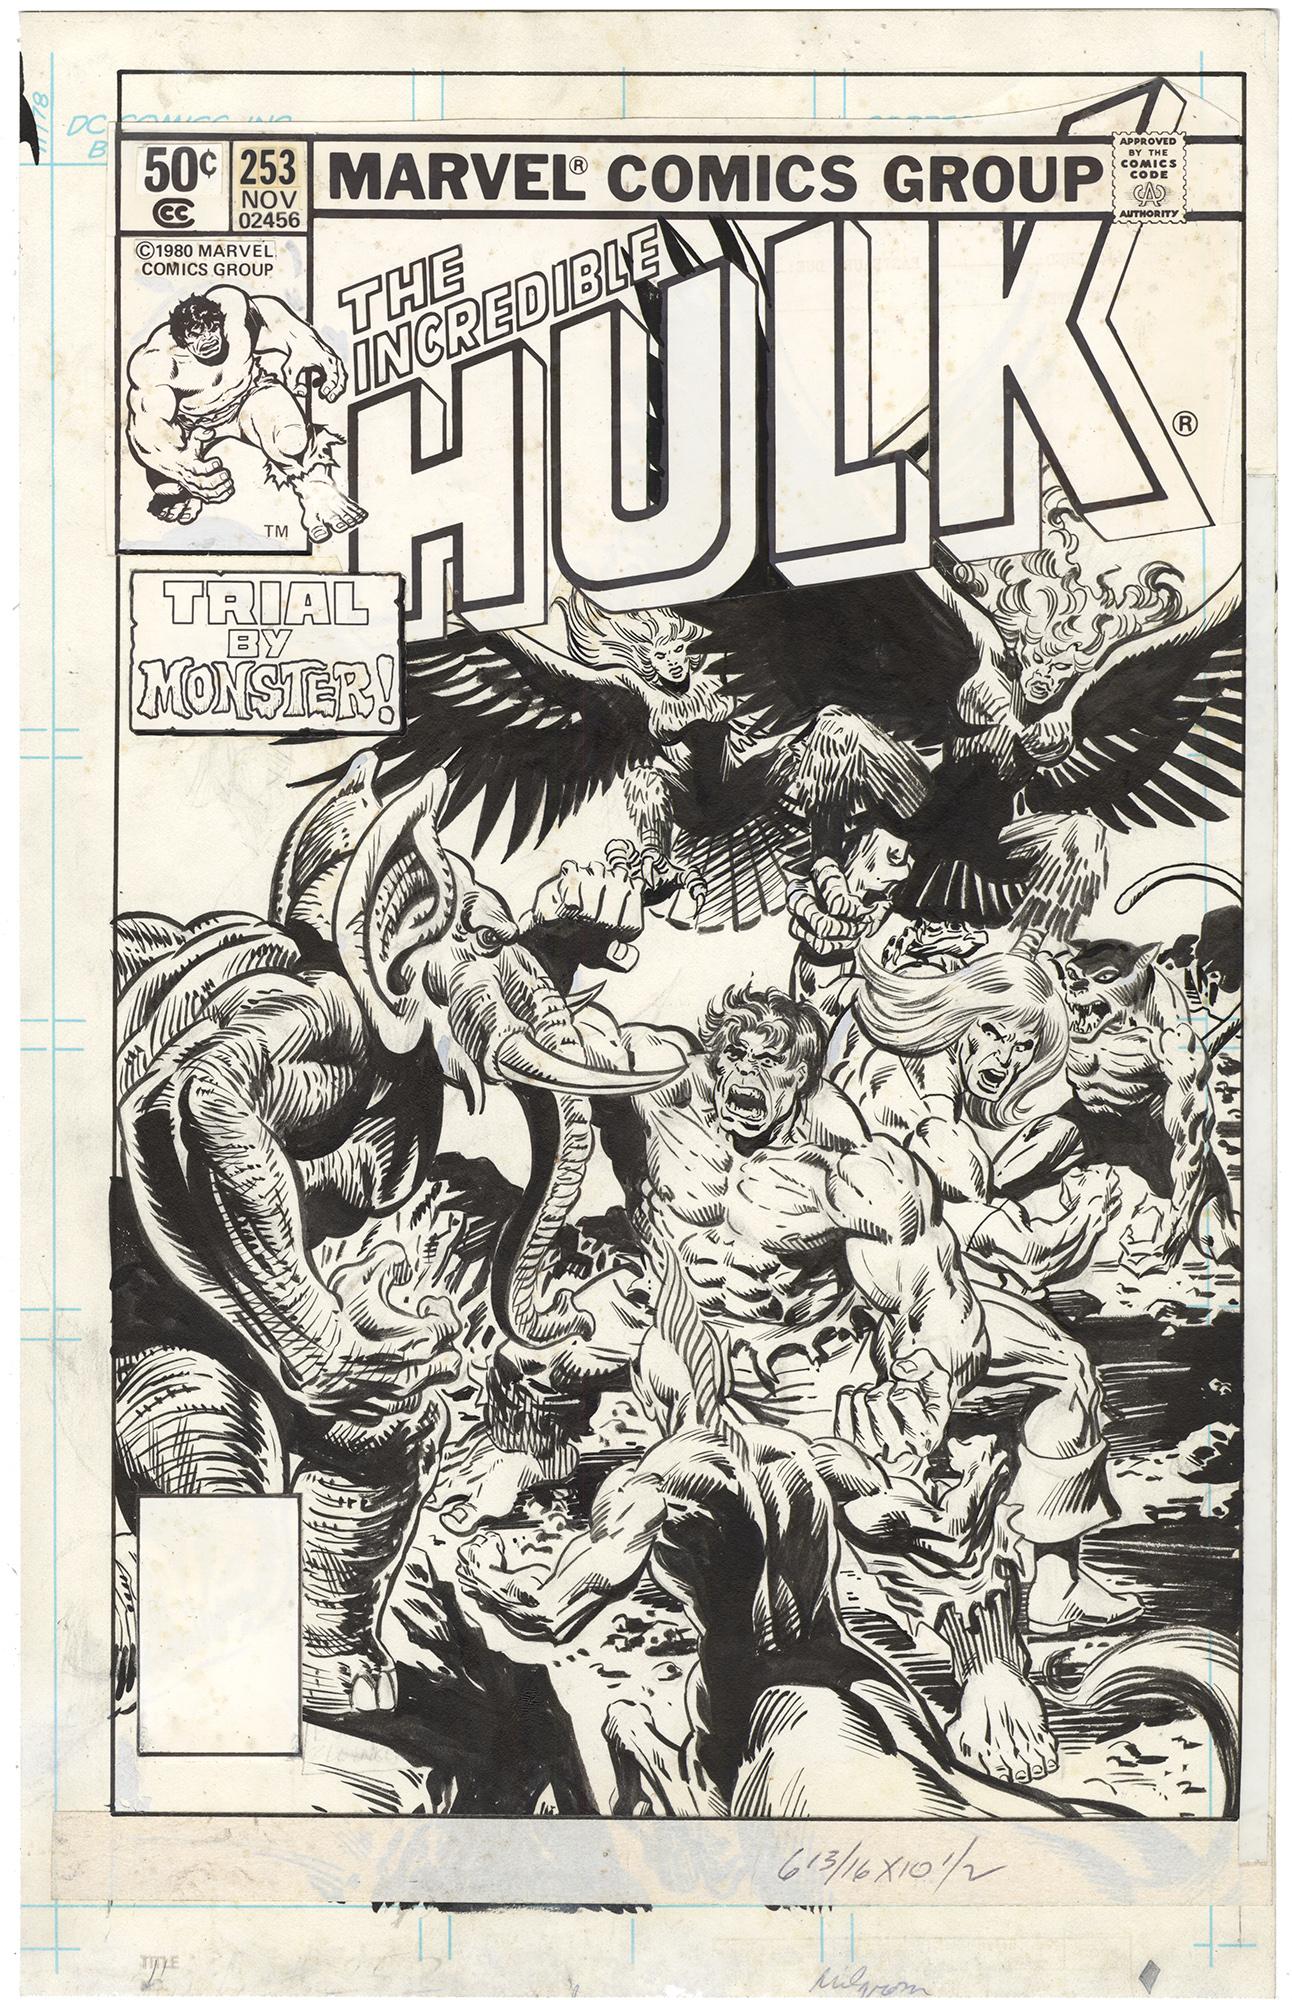 Incredible Hulk #253 Cover